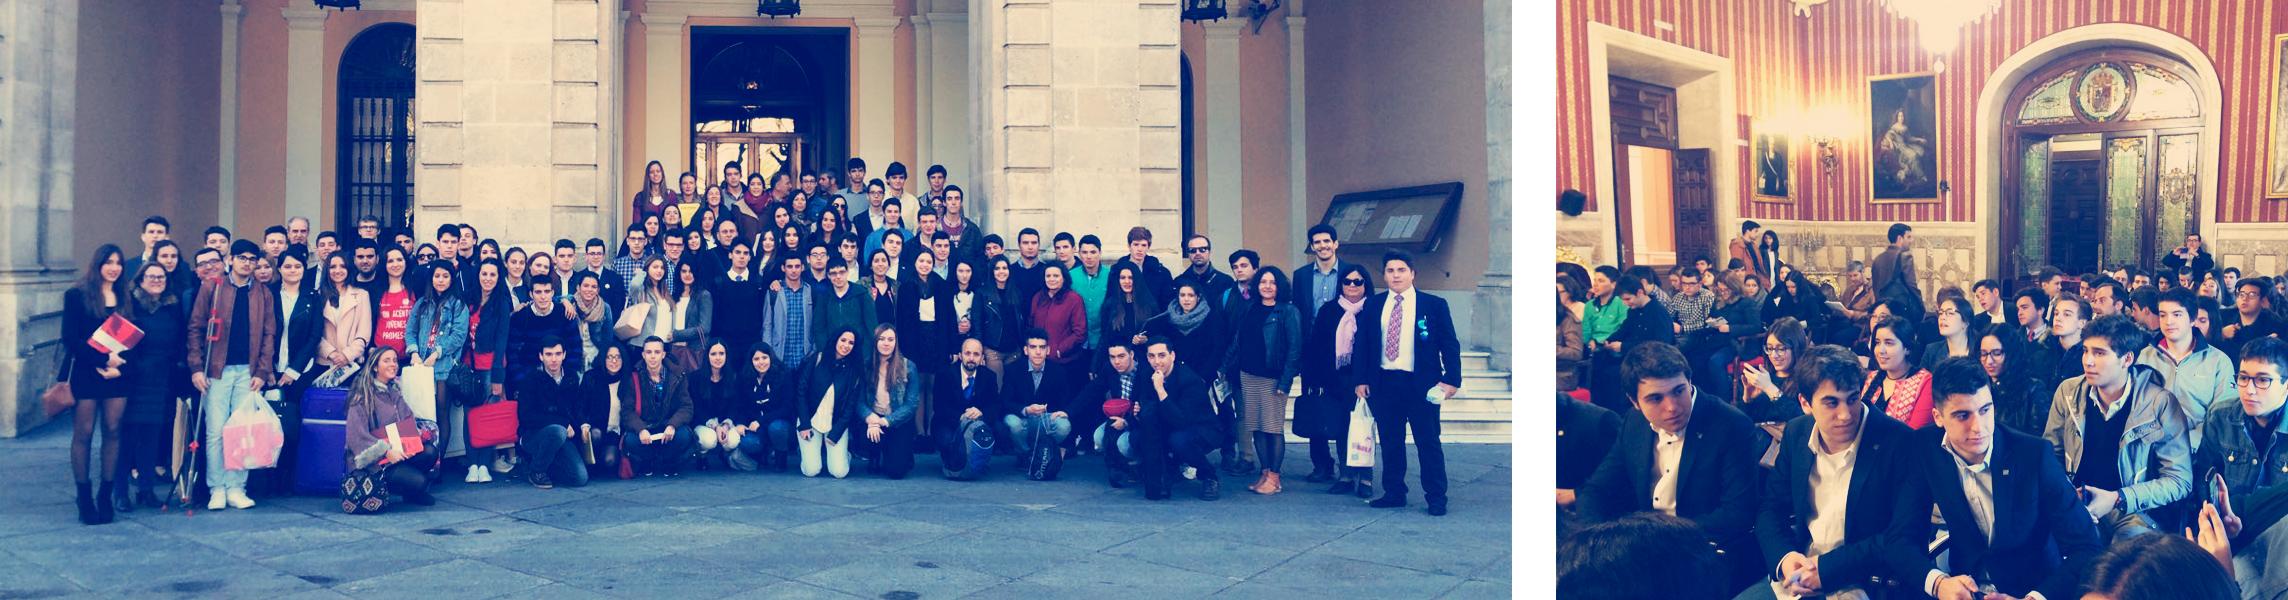 Nuestro equipo en la fase final del Torneo de Debate Jóvenes Promesas